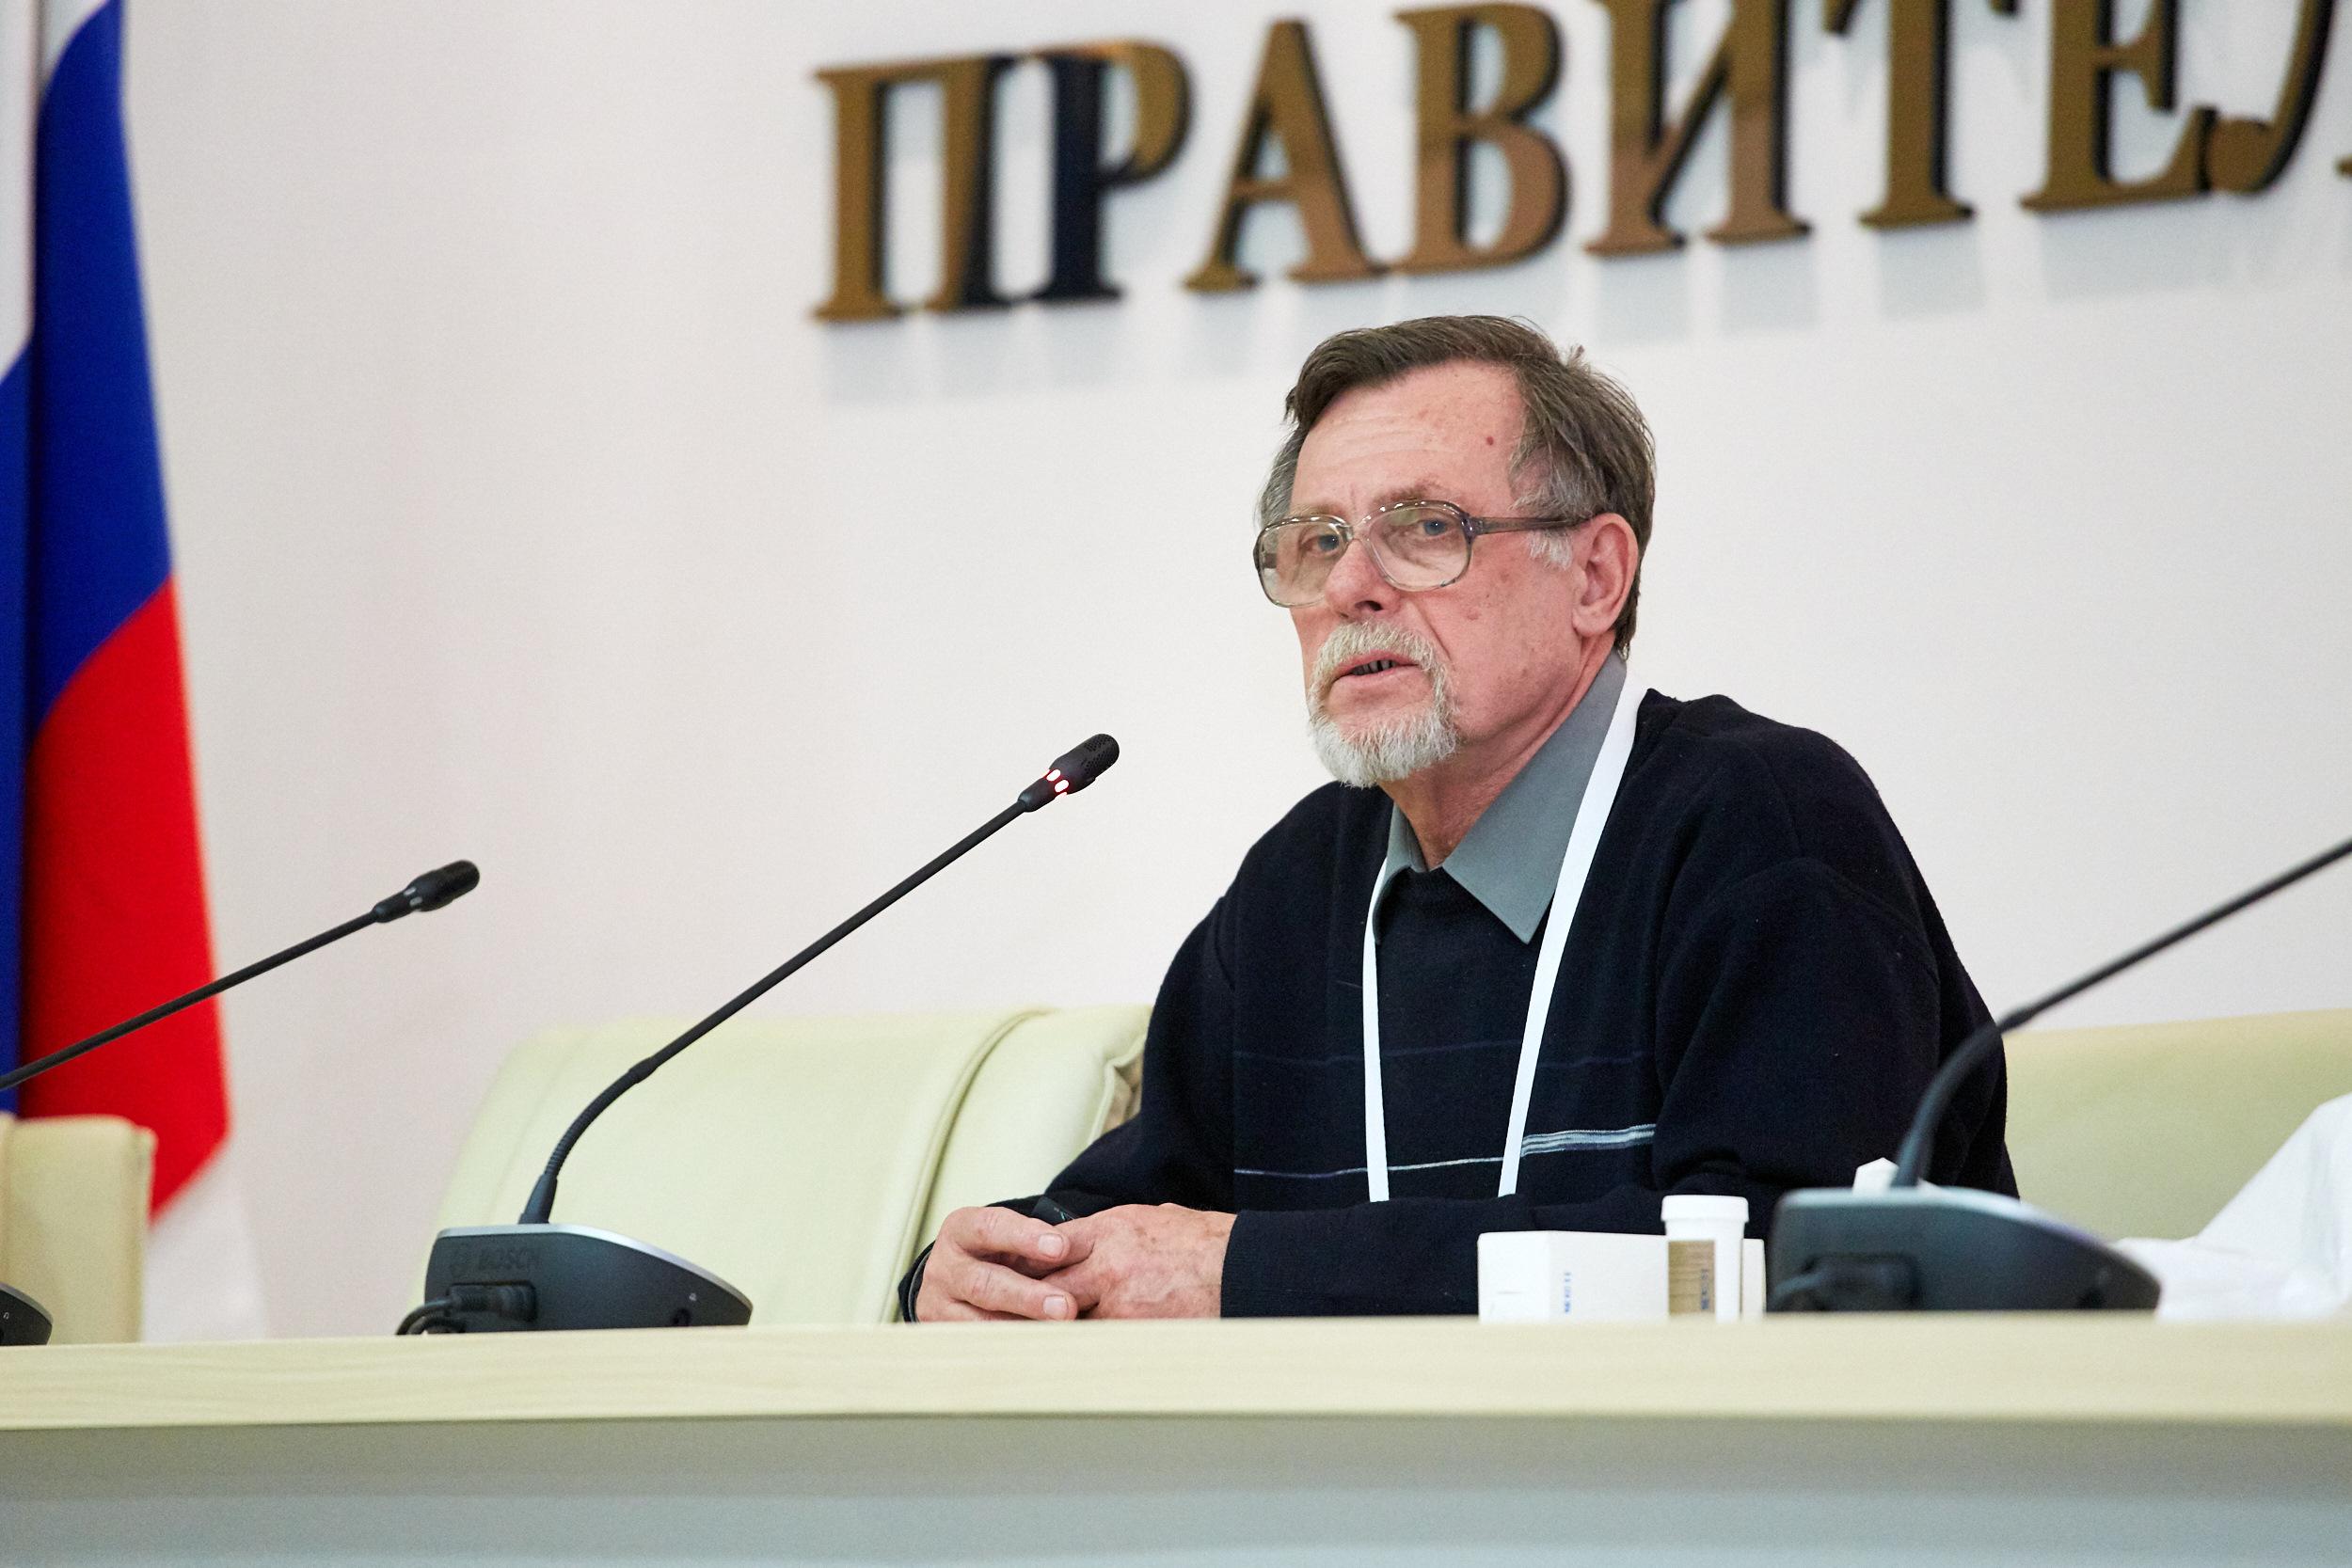 2015-11-11-Наукаград-469.jpg